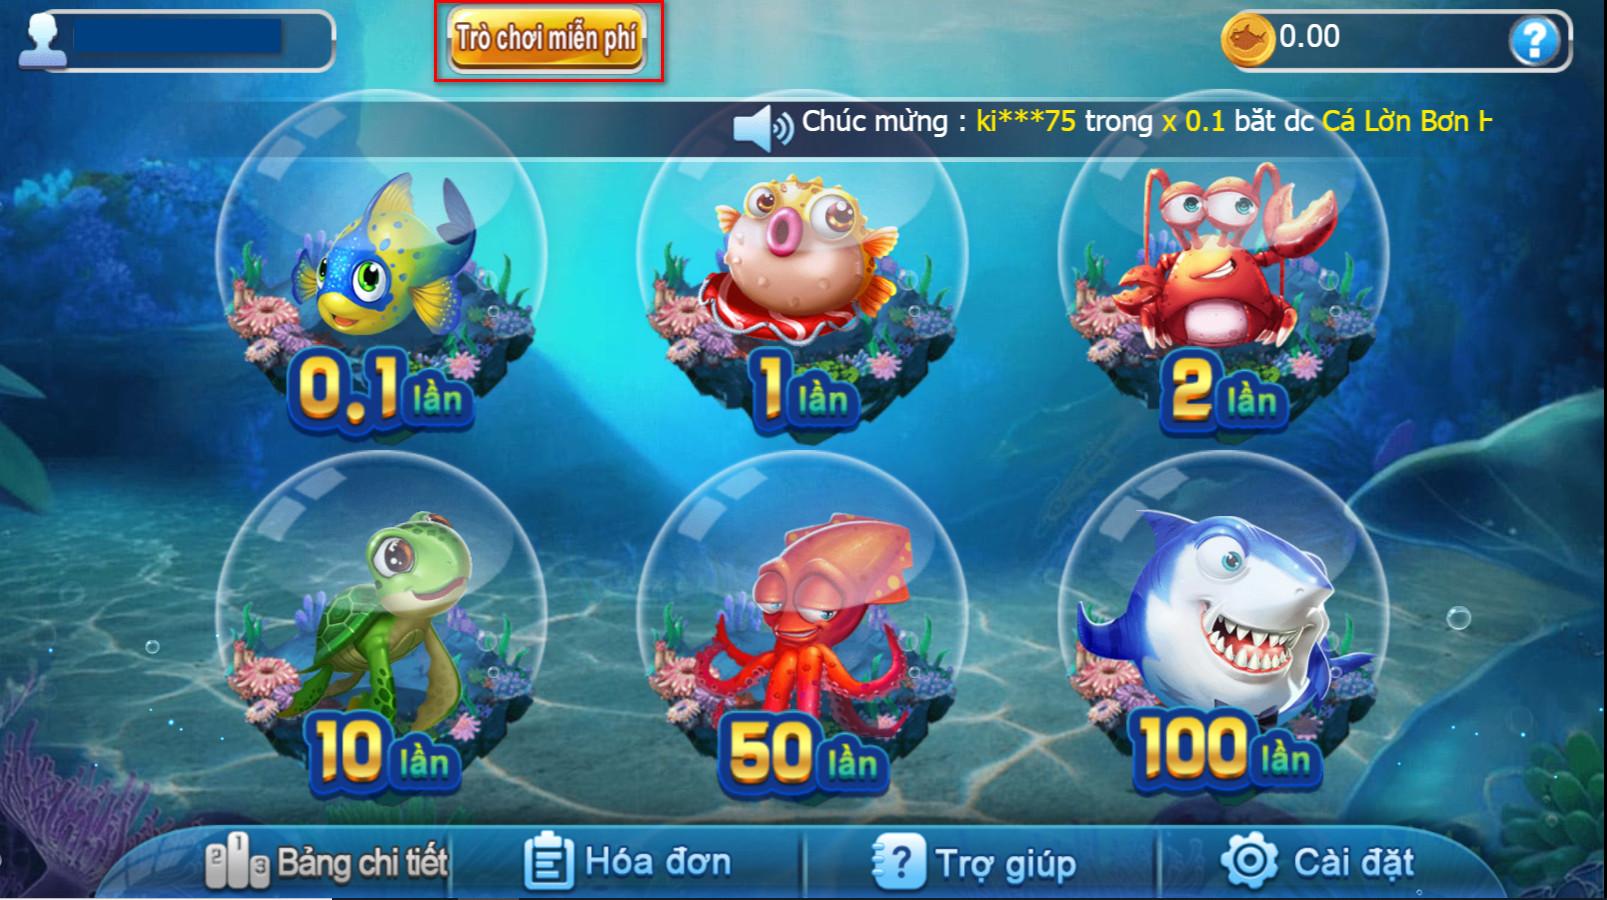 Chơi thử Bắn cá miễn phí tại 7ballBET